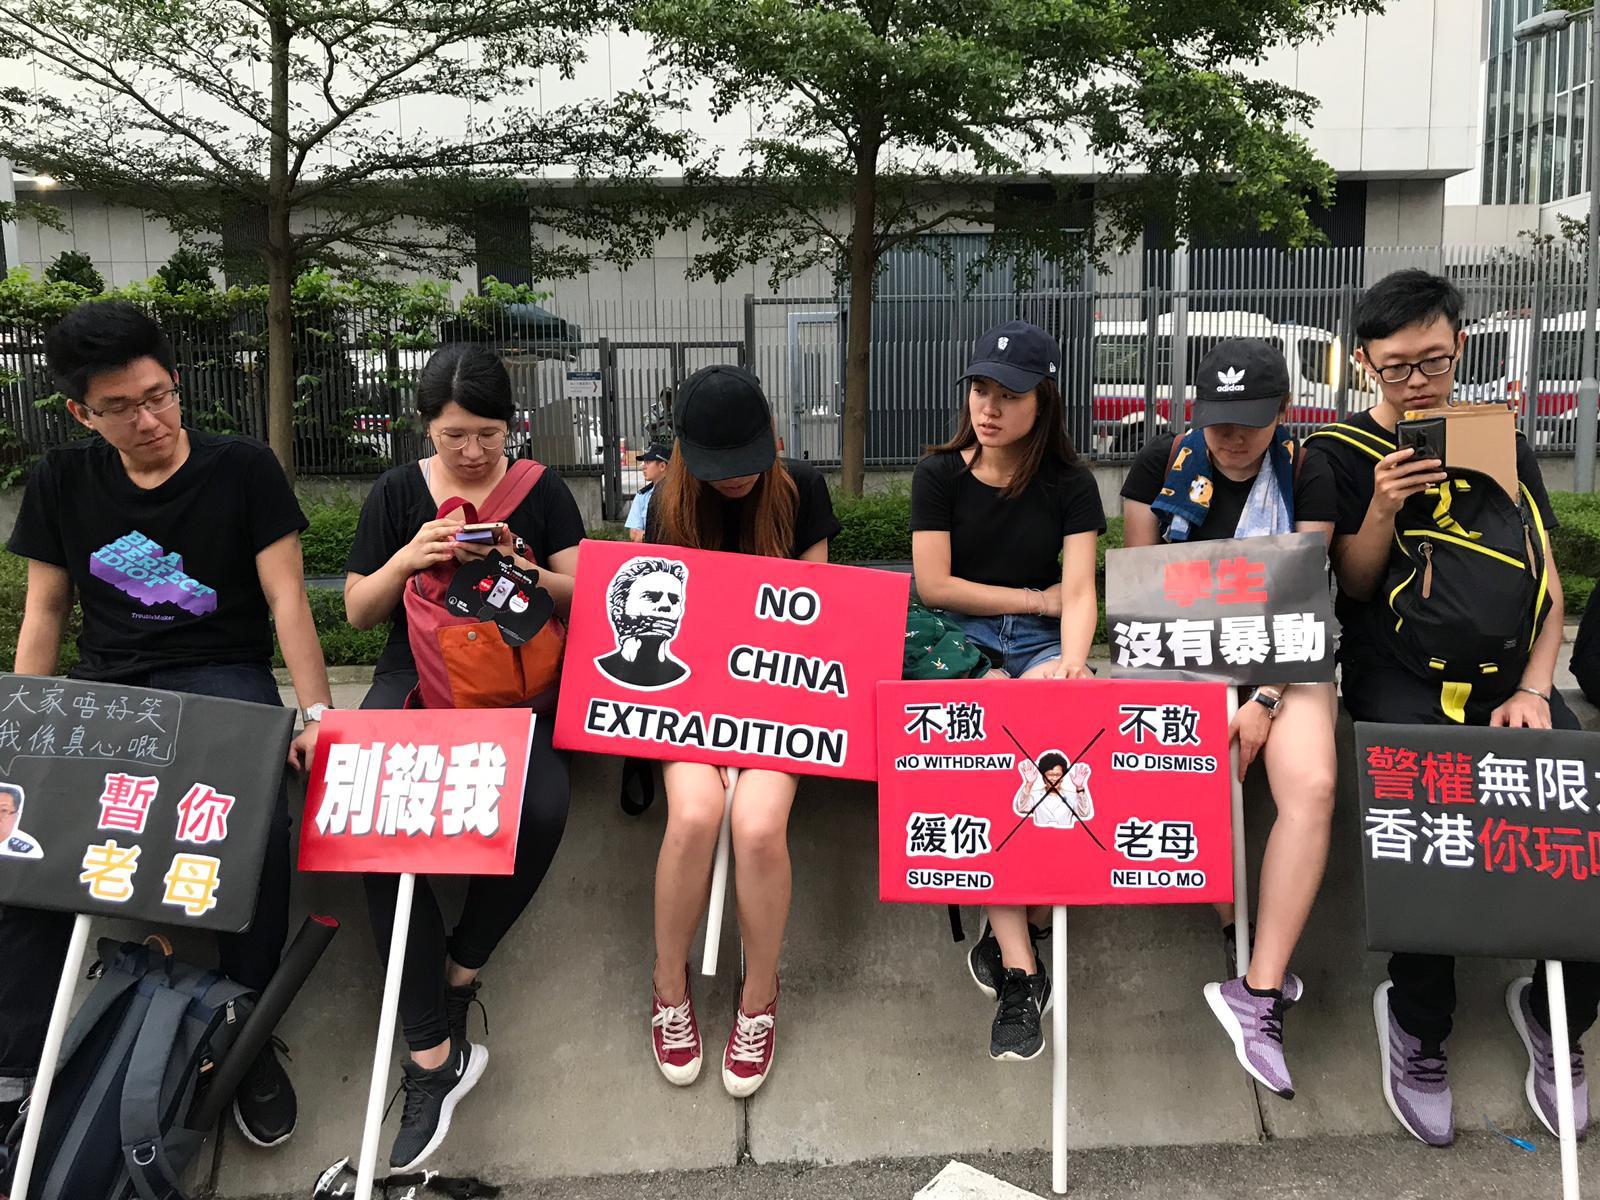 CNN/Stephy Chung